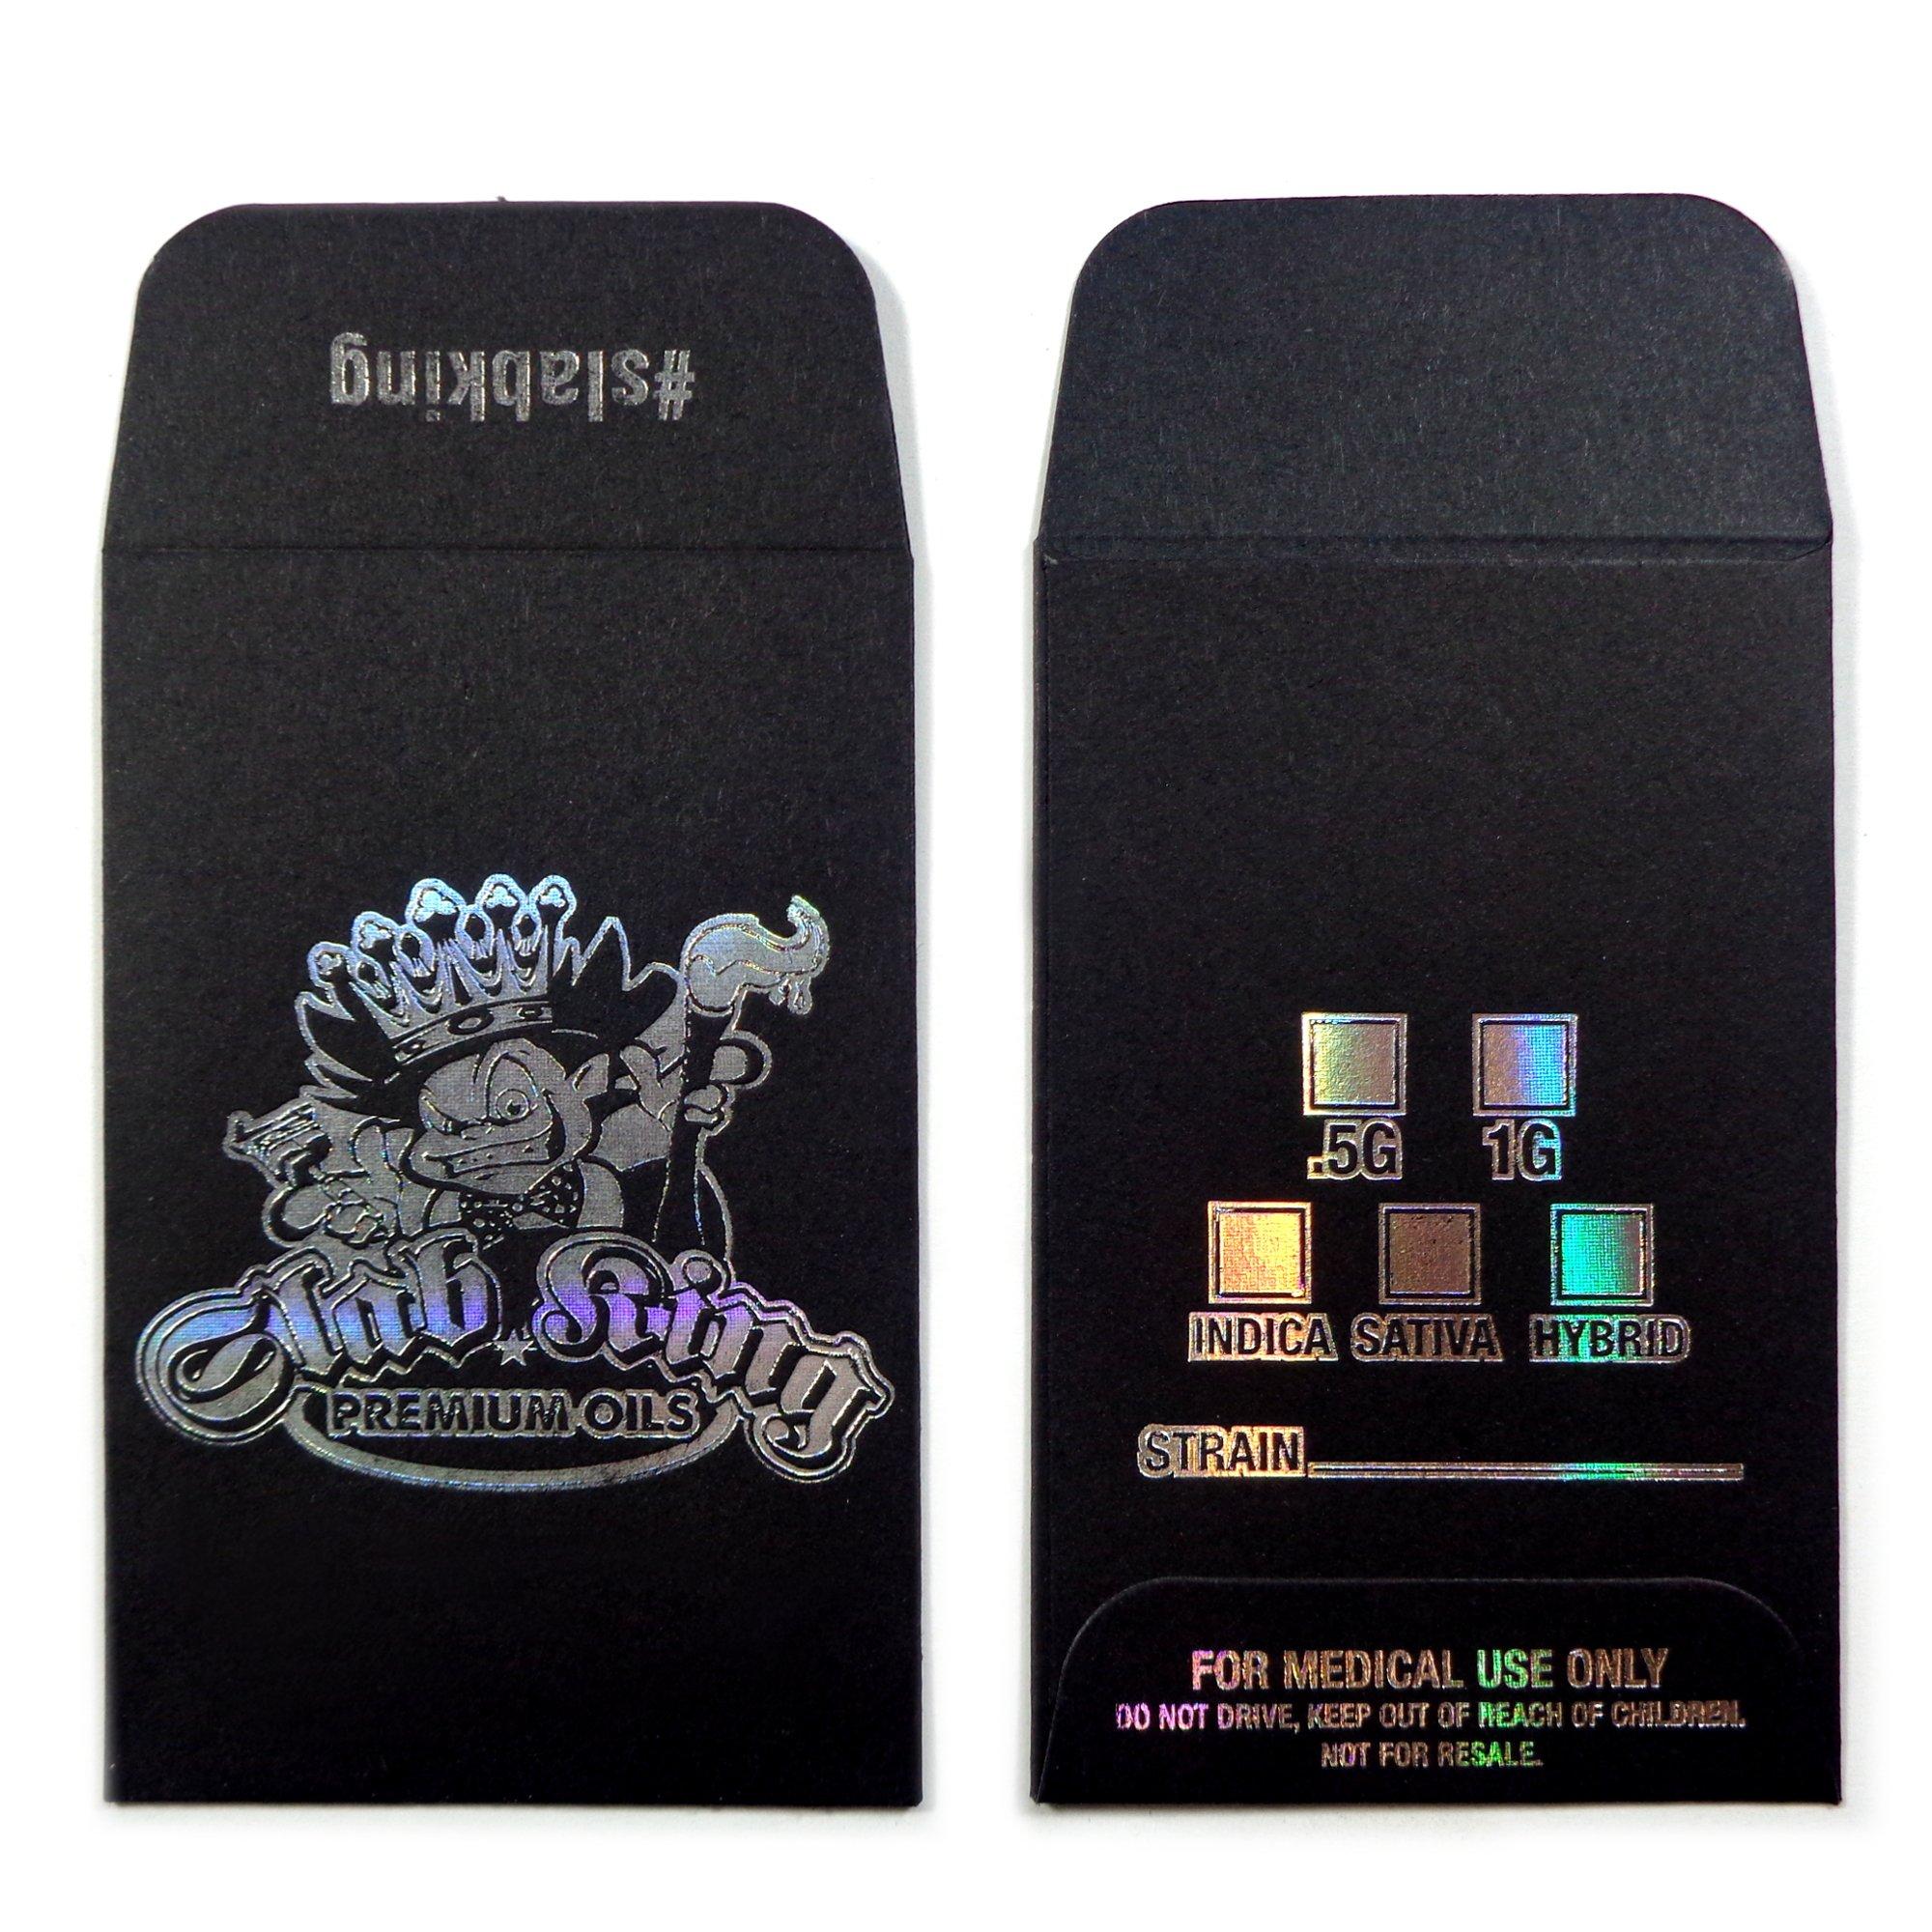 500 Original Black Silver SLAB KING Wax Shatter Labels Coin Holographic Foil Envelopes #099